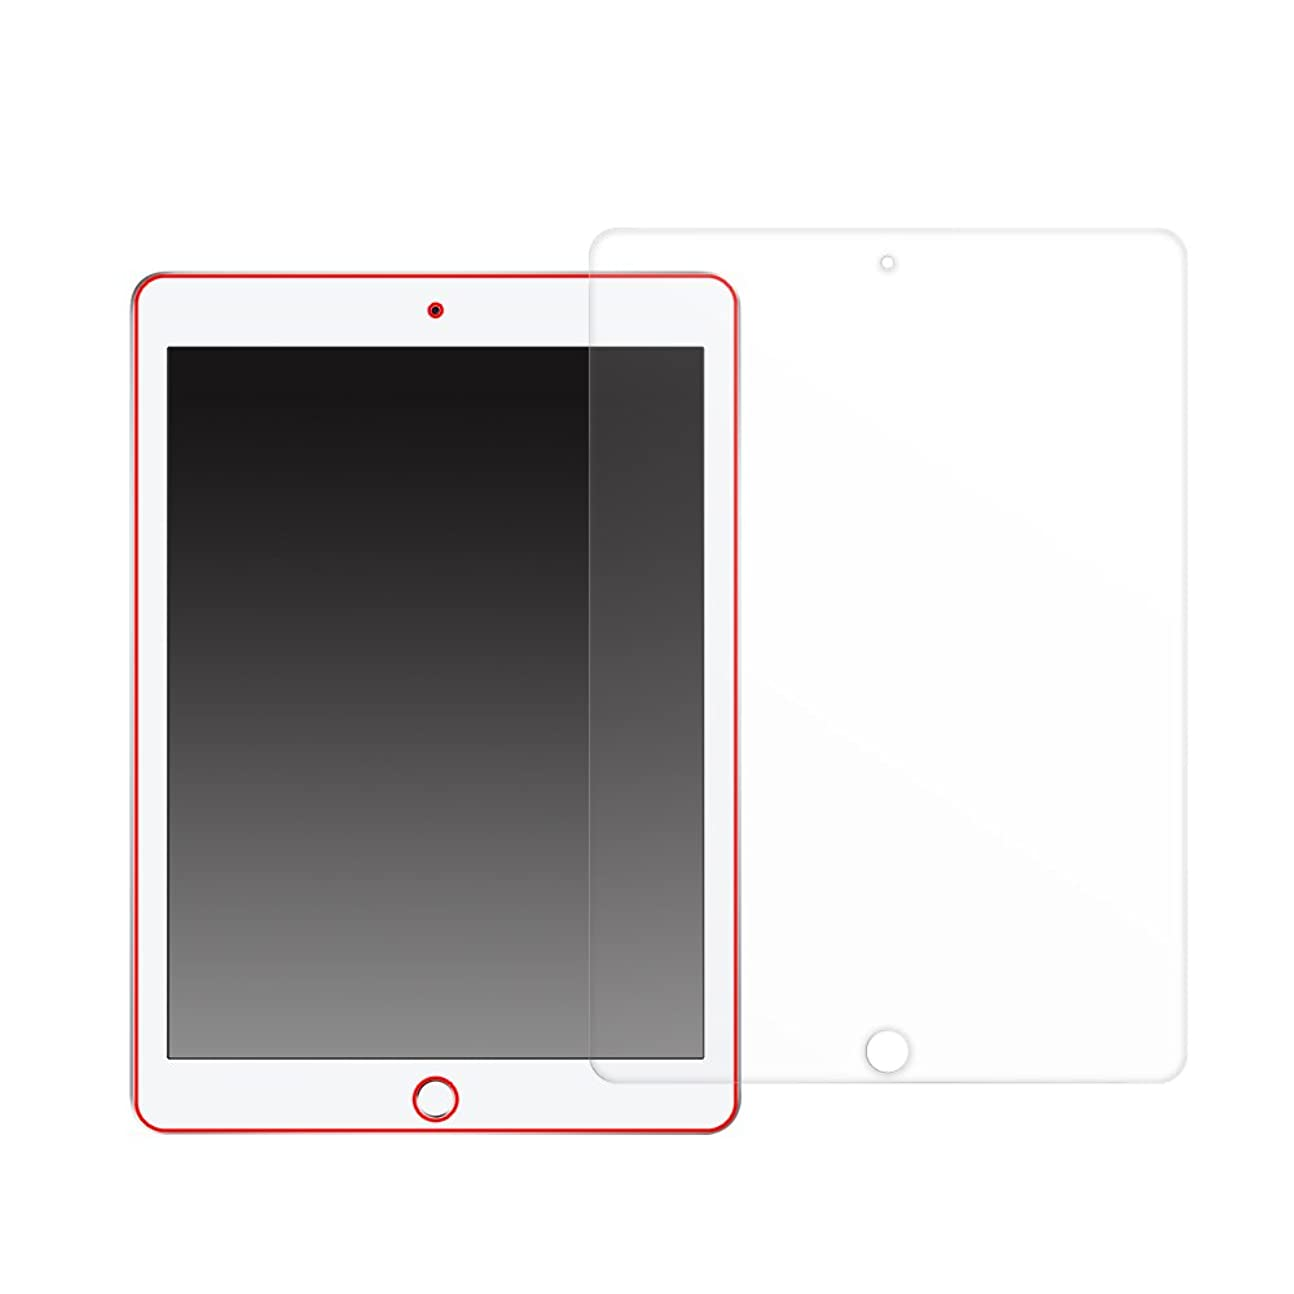 難破船申し込むMS factory iPad Pro 9.7/iPad 9.7 (第6世代 2018)/iPad (第5世代 2017)/iPad Air2/Air 液晶保護 フィルム ブルーライト カット fiel.D MXPF-ipad-BL